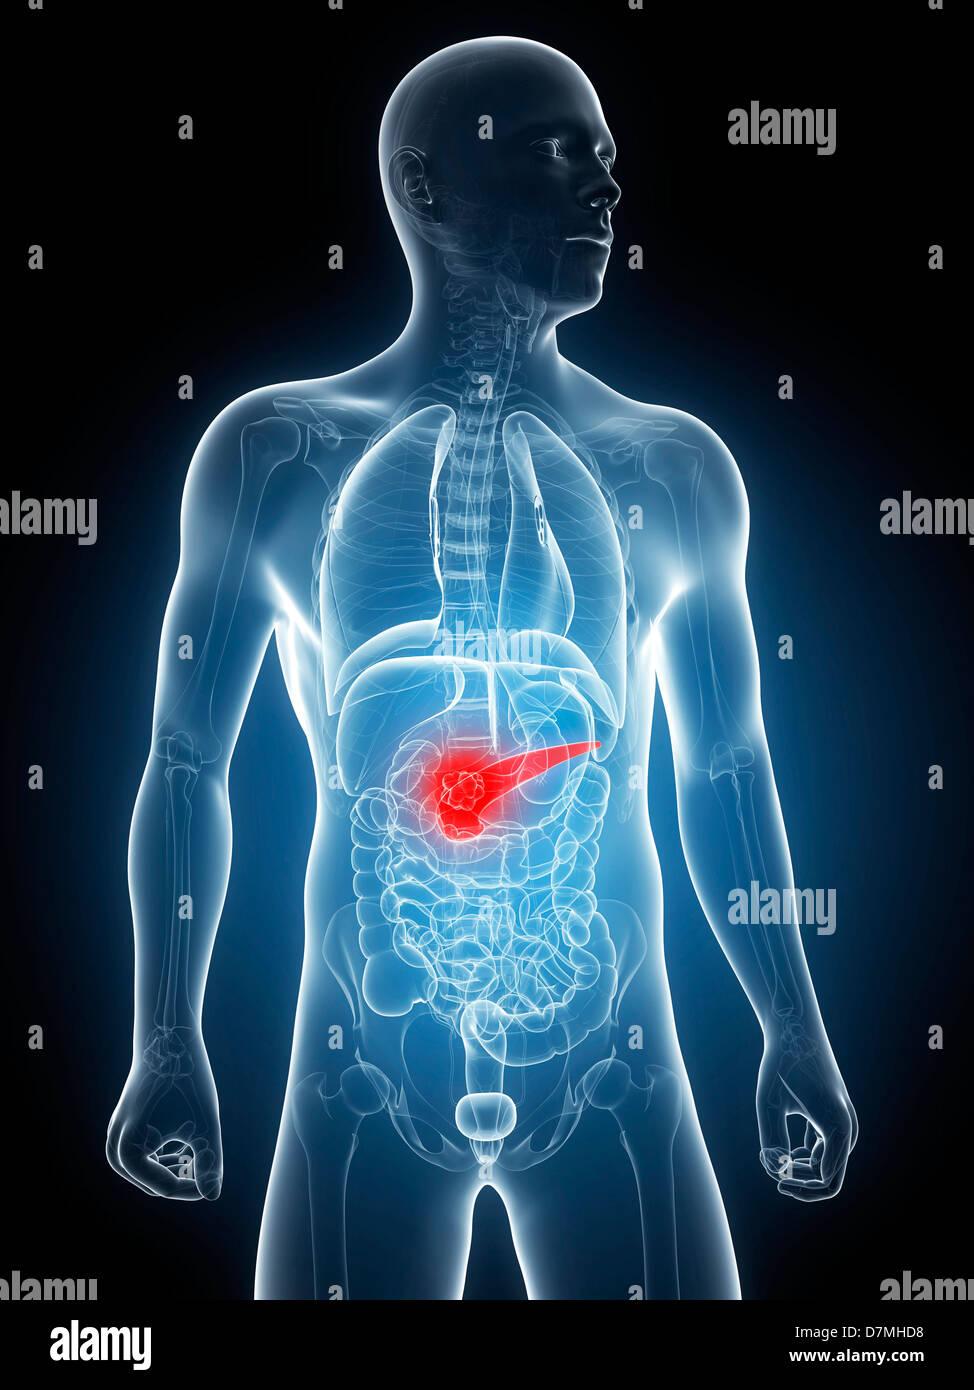 Pancreatic Stock Photos & Pancreatic Stock Images - Alamy